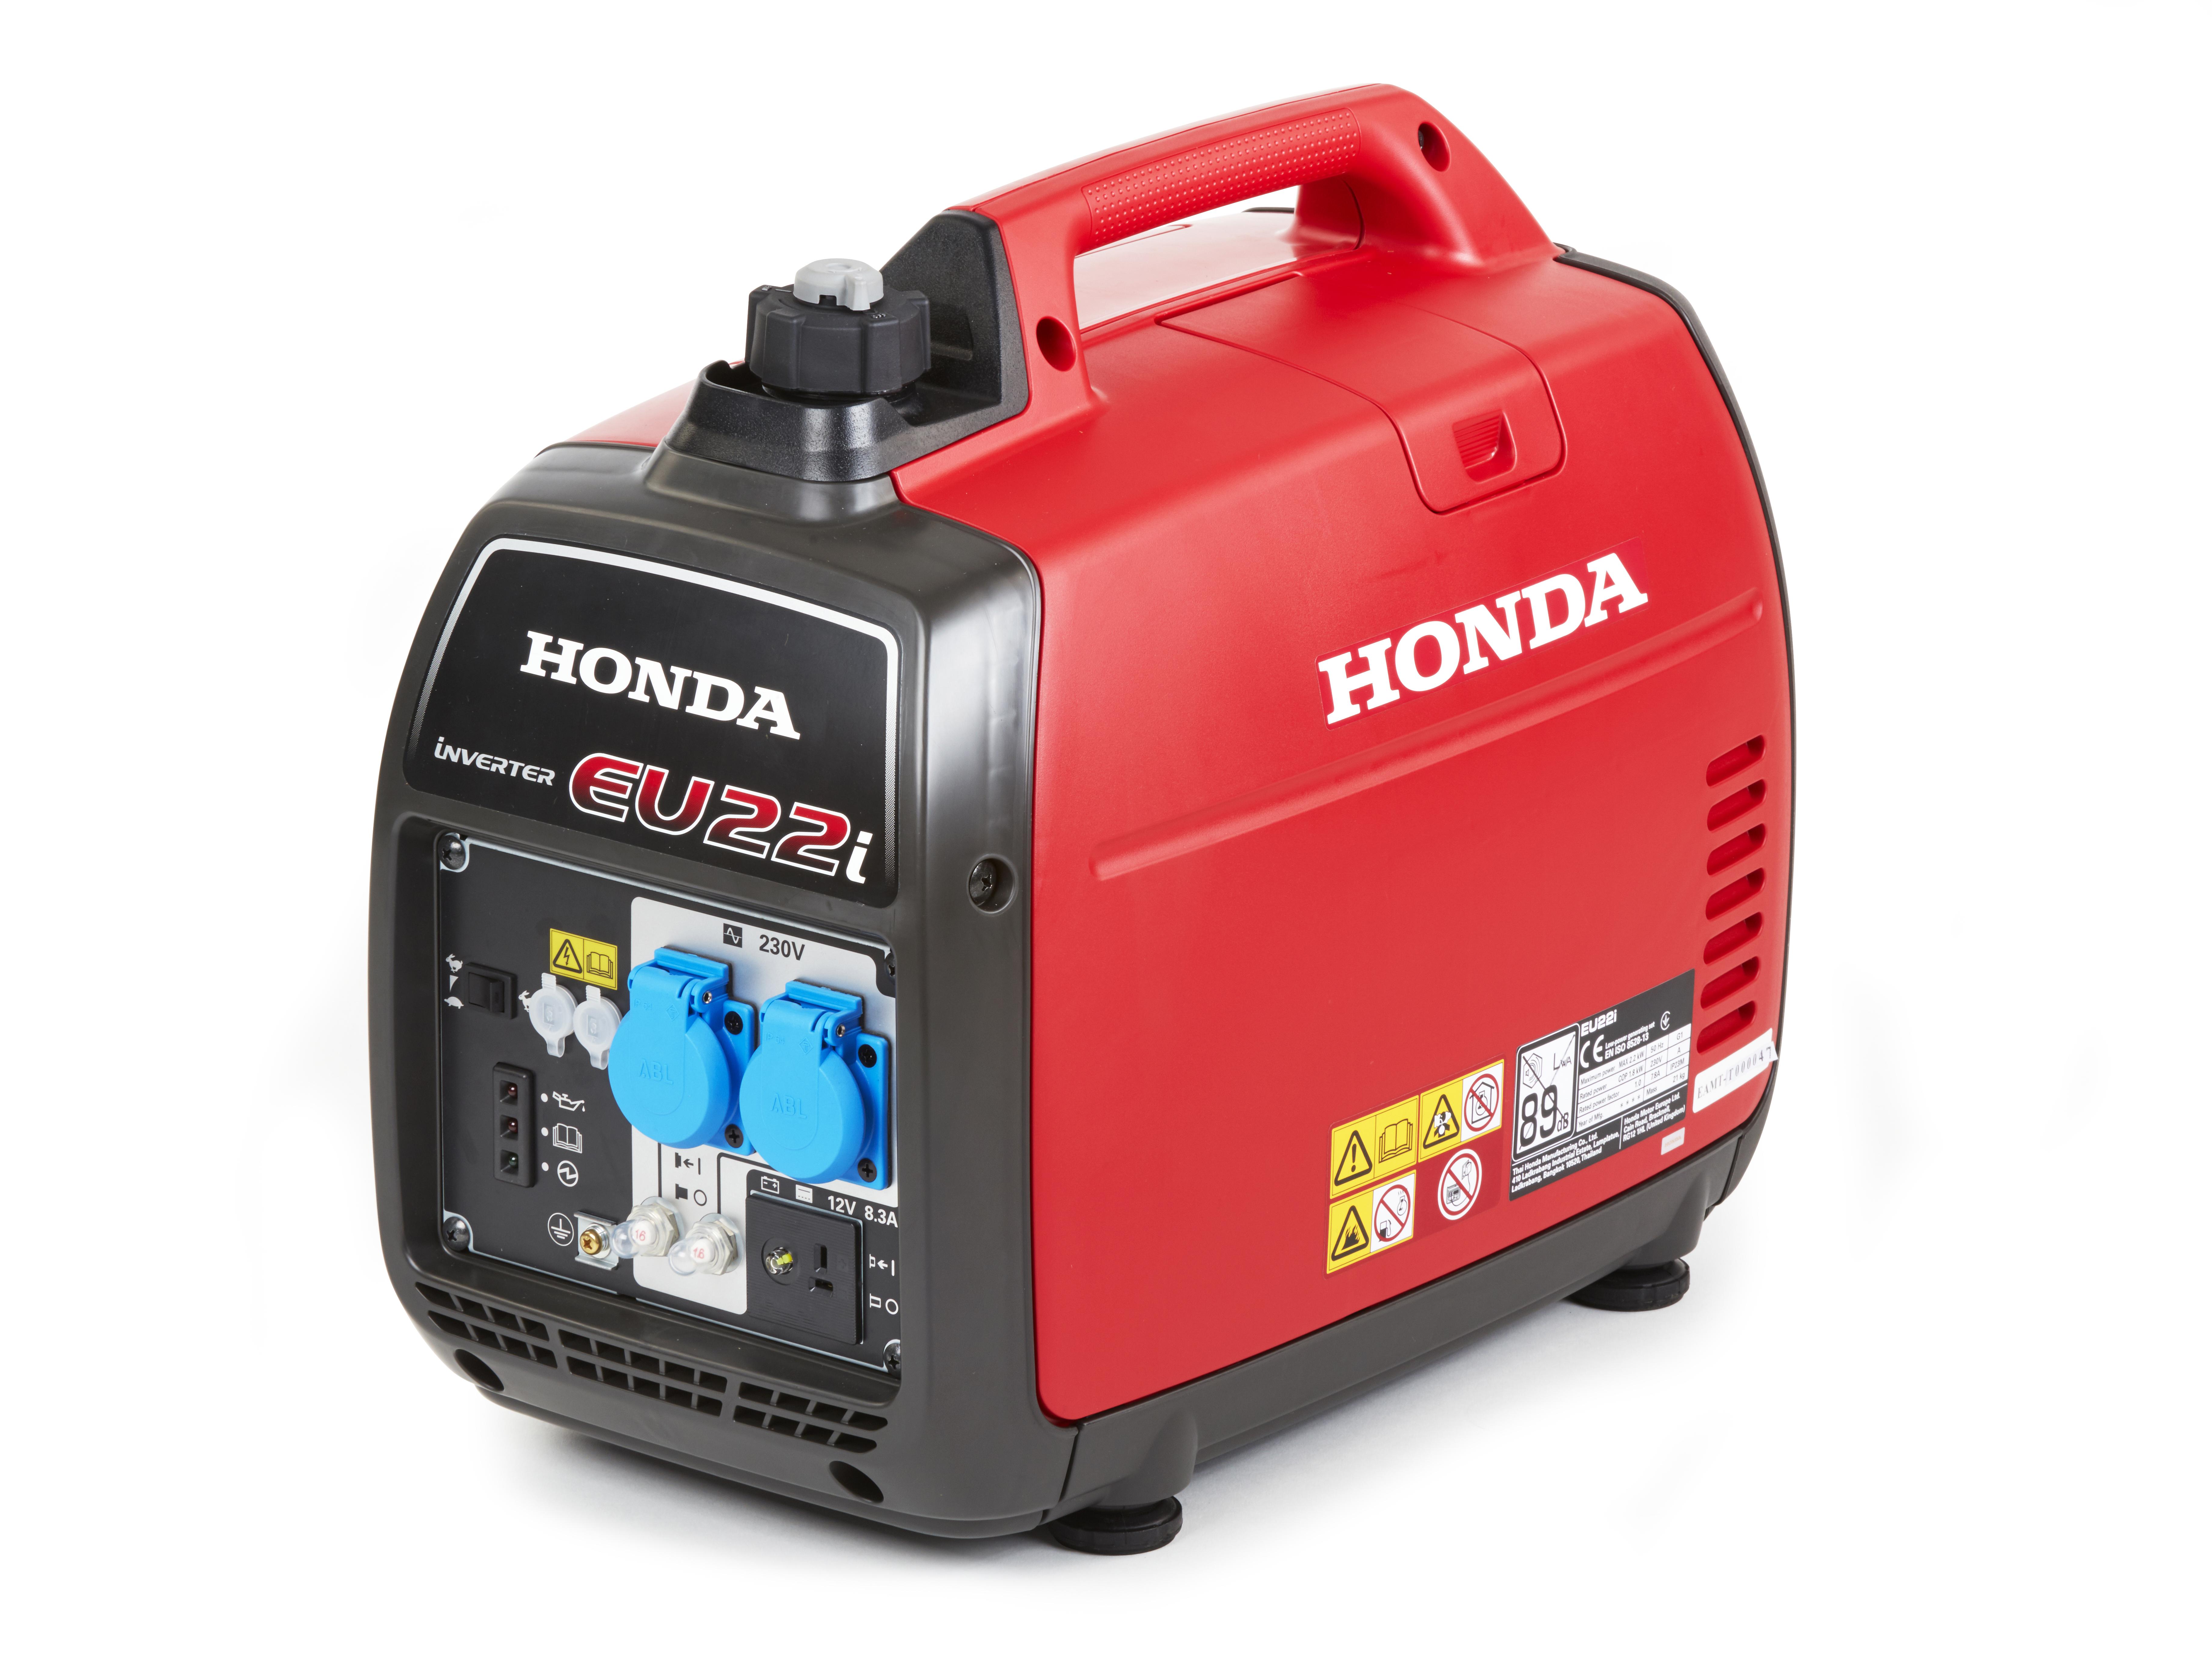 Honda EU22i-generaattori